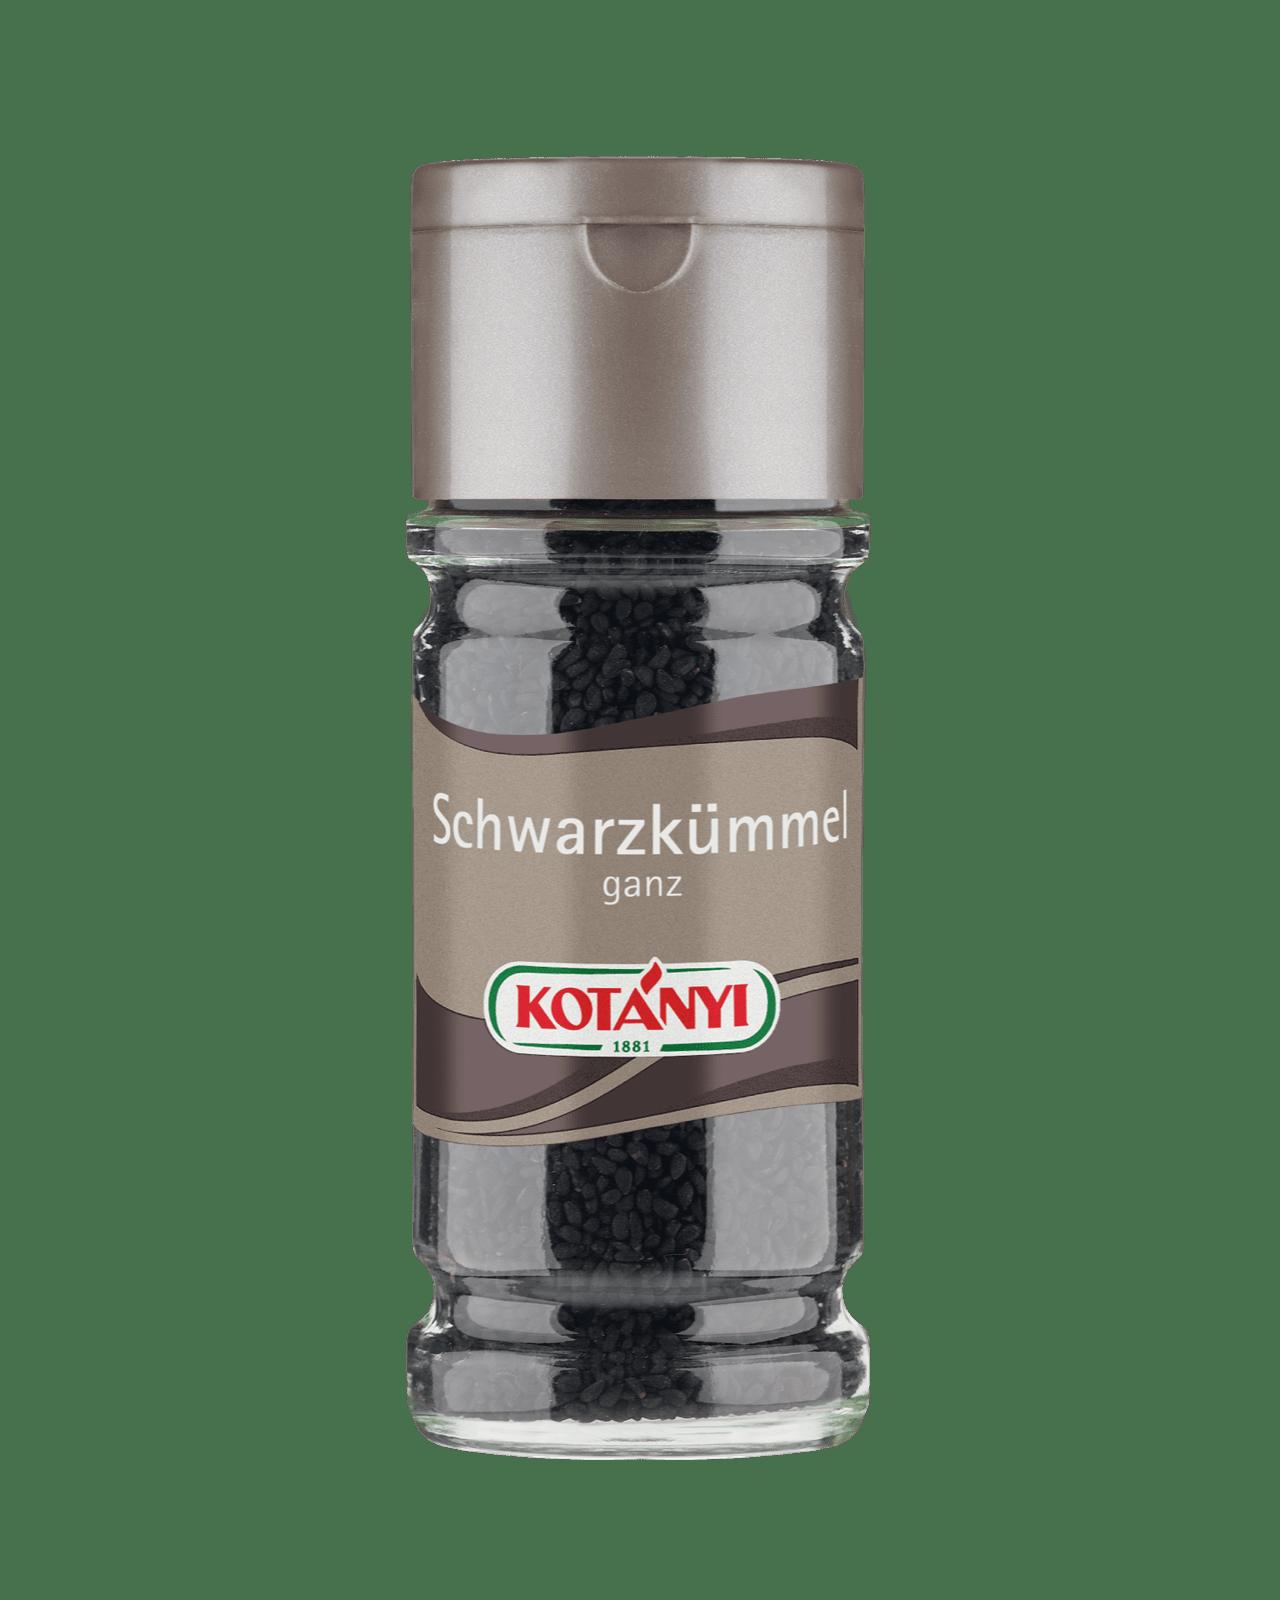 Kotányi Schwarzkümmel ganz im 100ml Glas